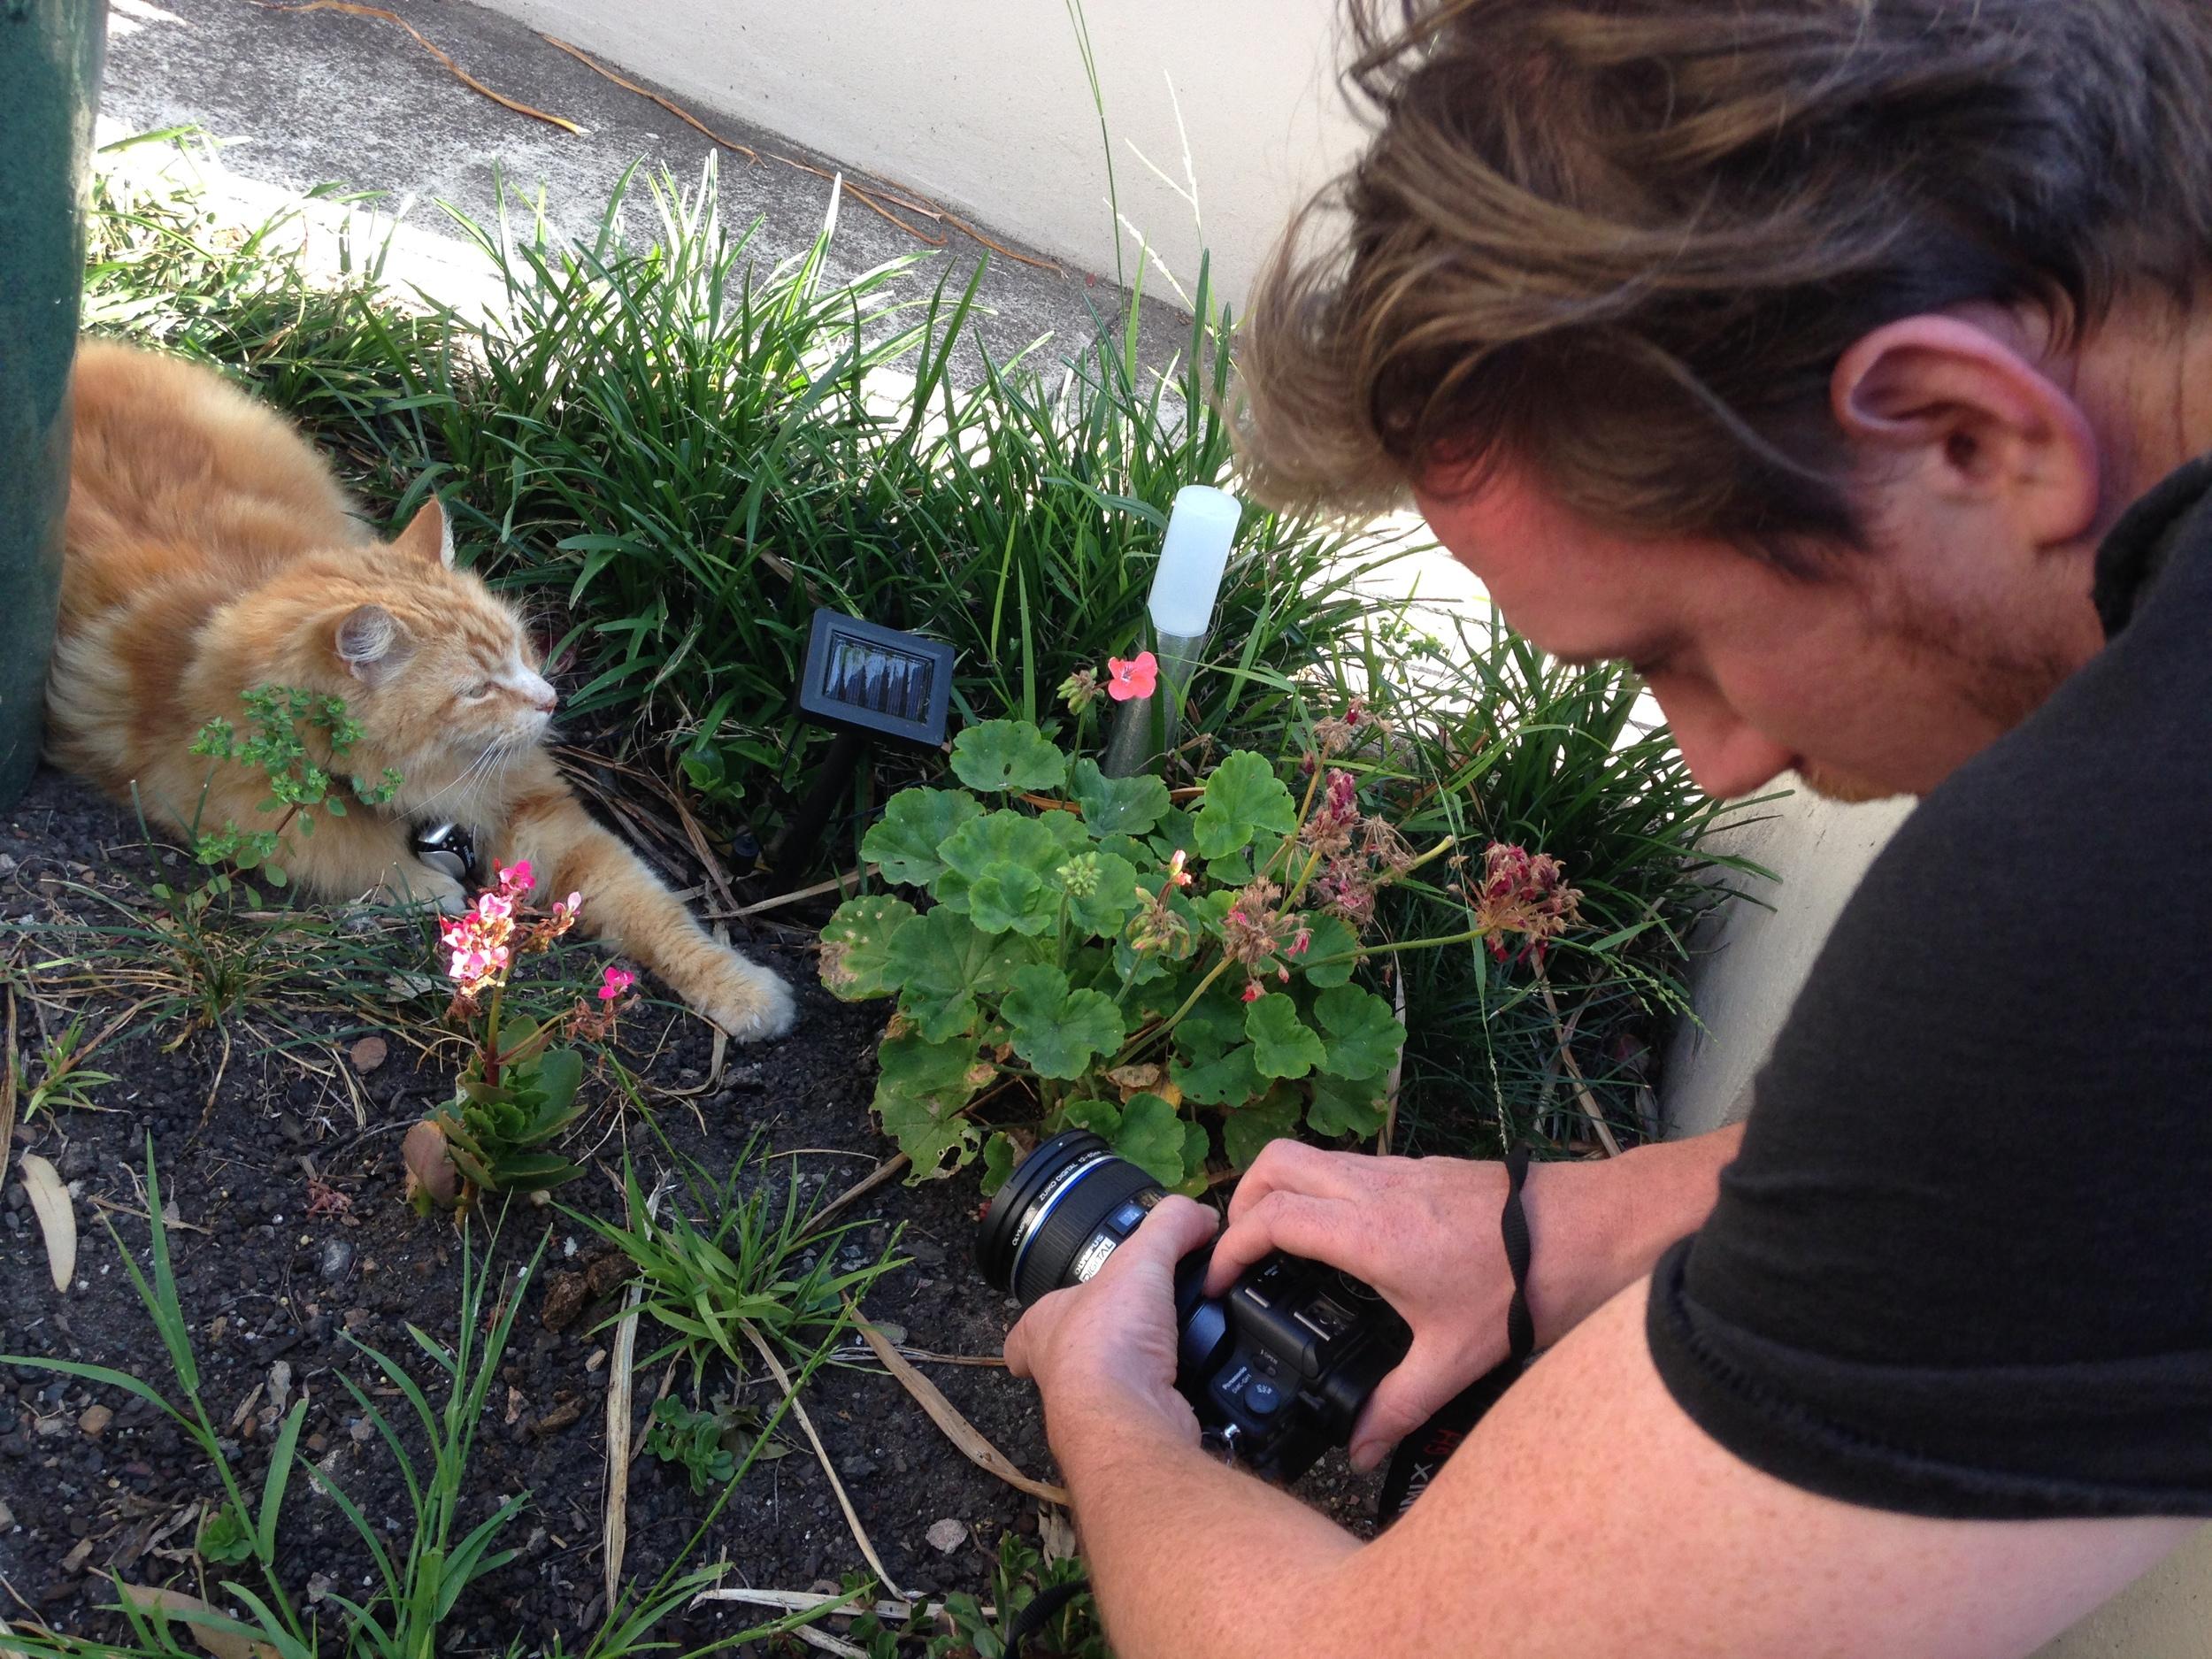 Filmmaker Matt with Jeff